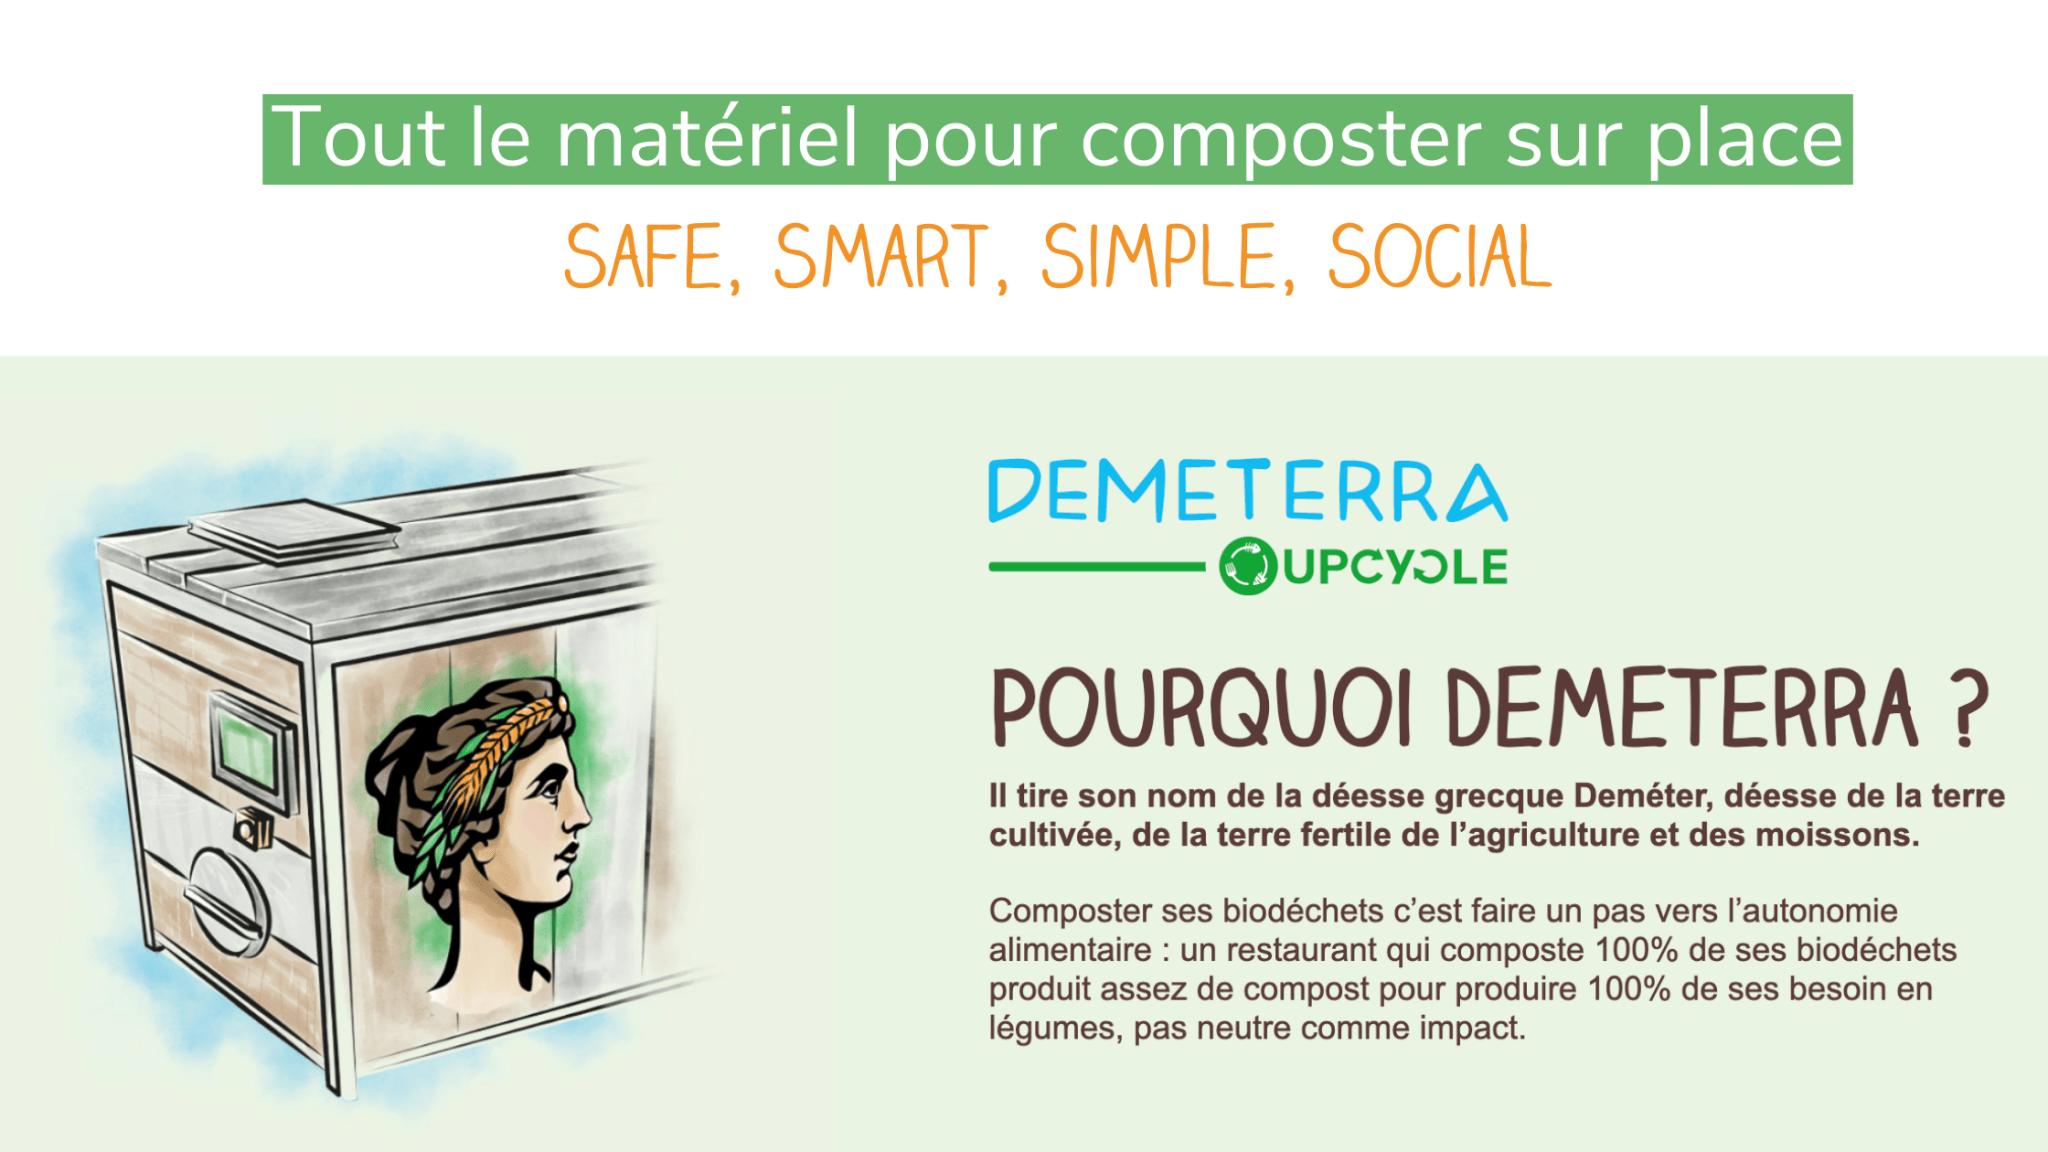 La gamme Demeterra composter sur place | UpCycle